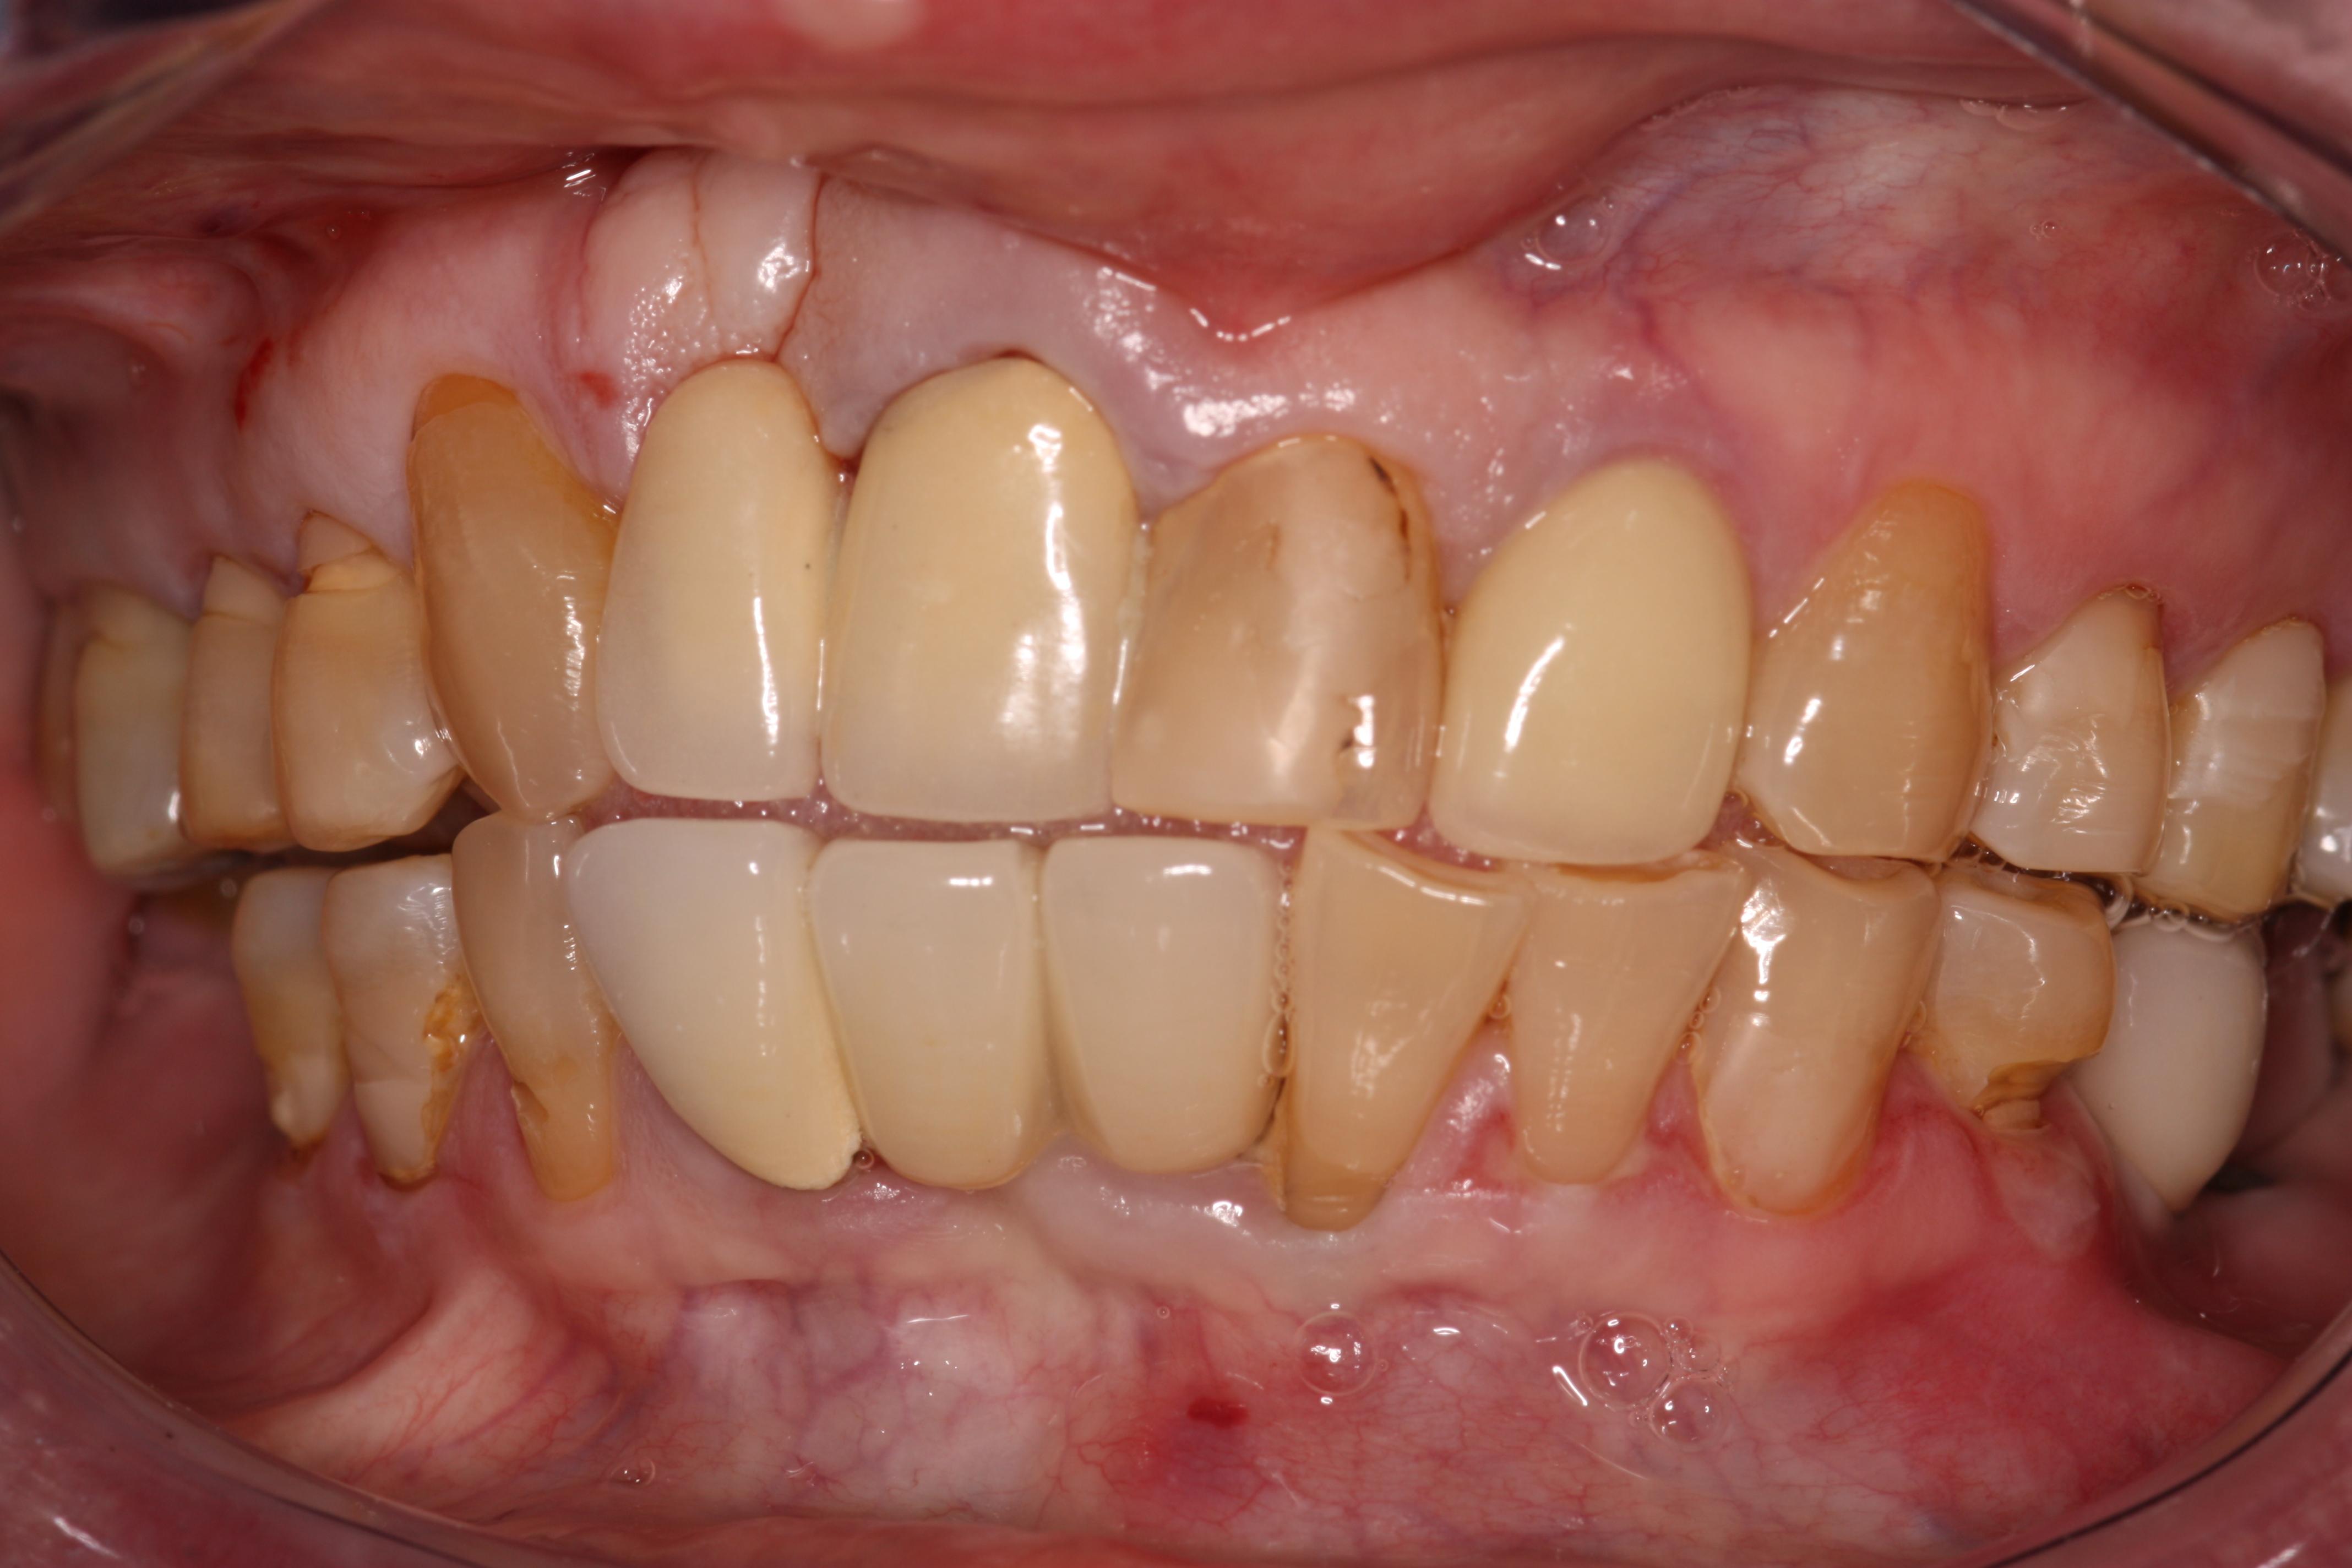 Dental Implants & Dental Tourism